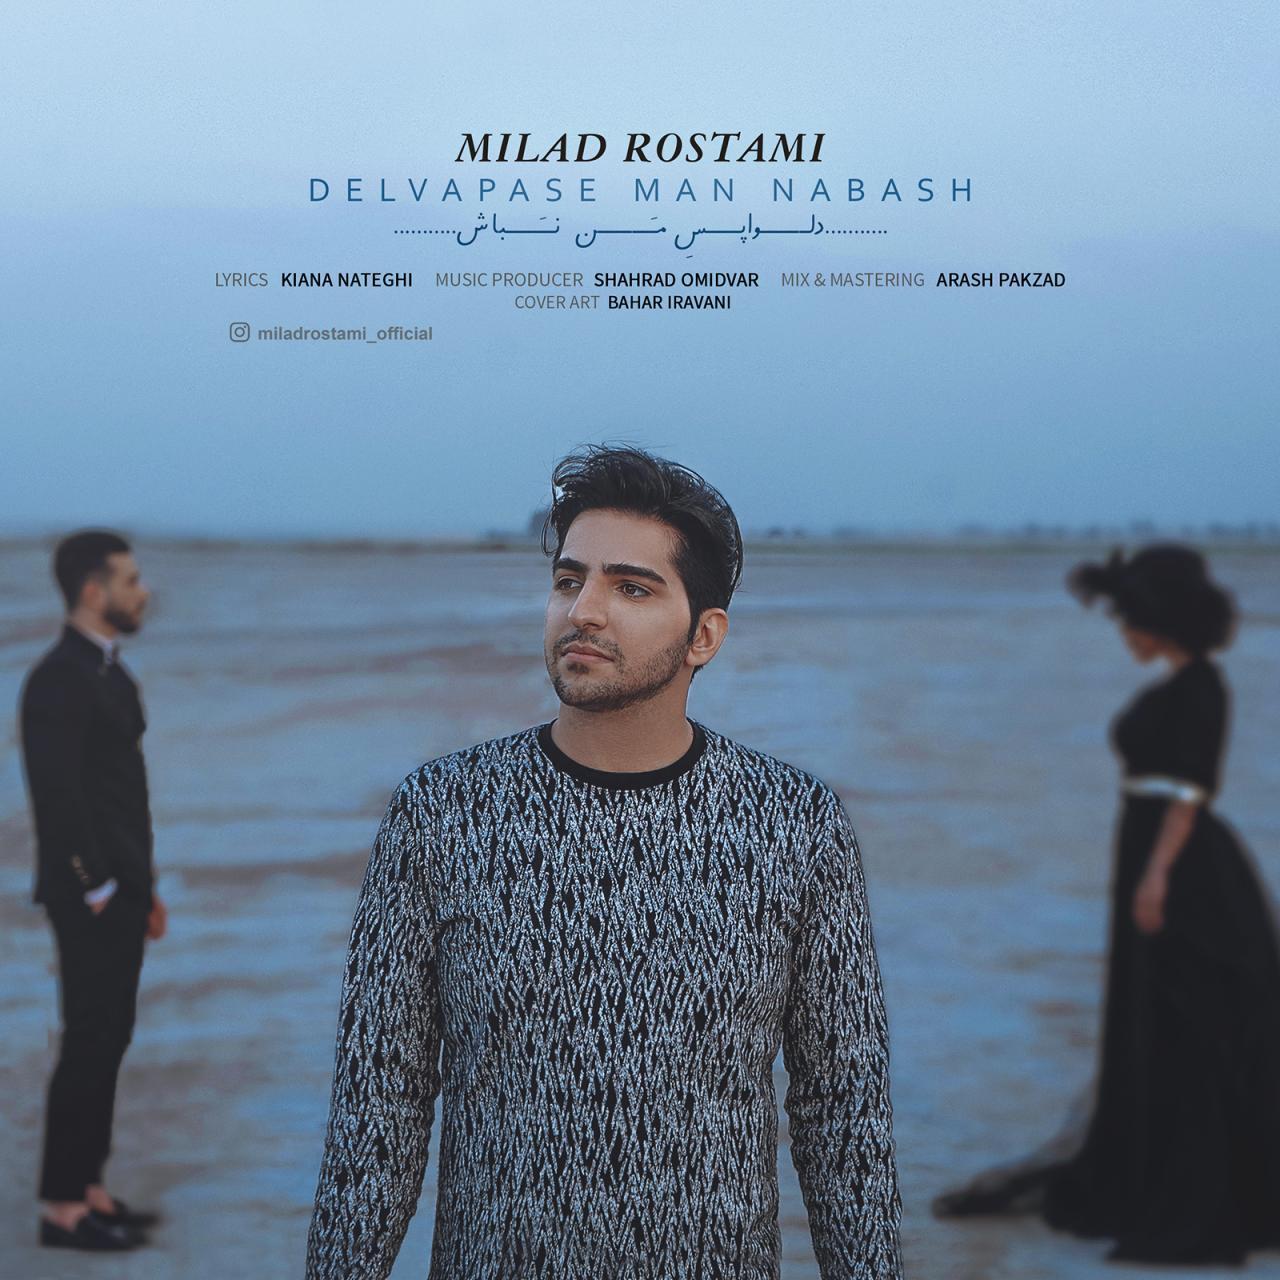 Milad Rostami – Delvapase Man Nabash